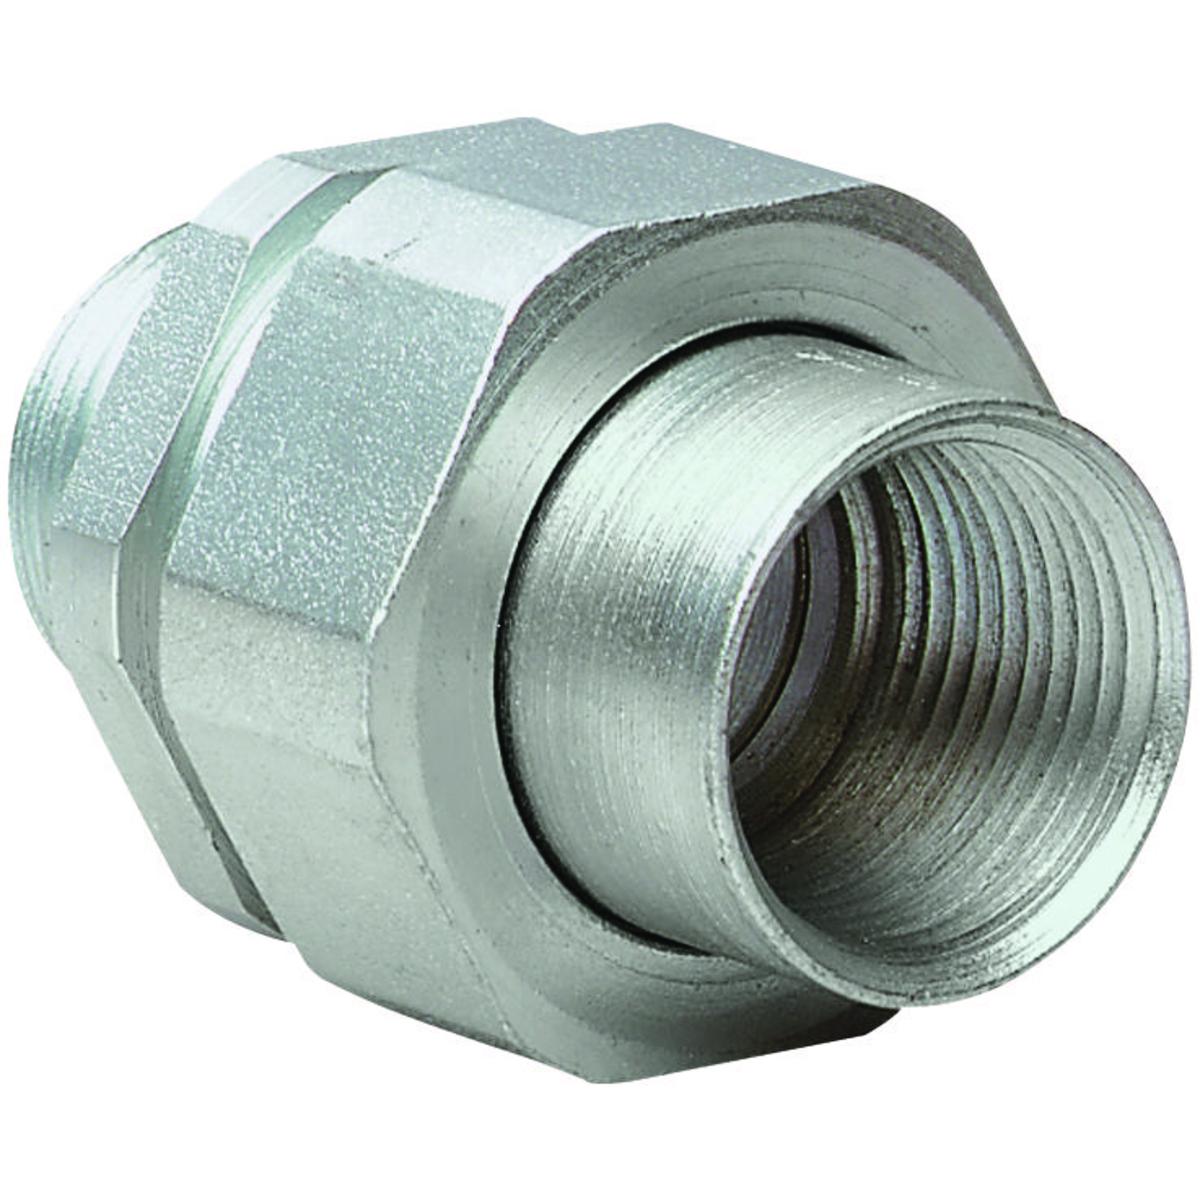 Killark® UNY2 Male to Female Conduit Union, 3/4 in, Steel, Electro-Plated Zinc